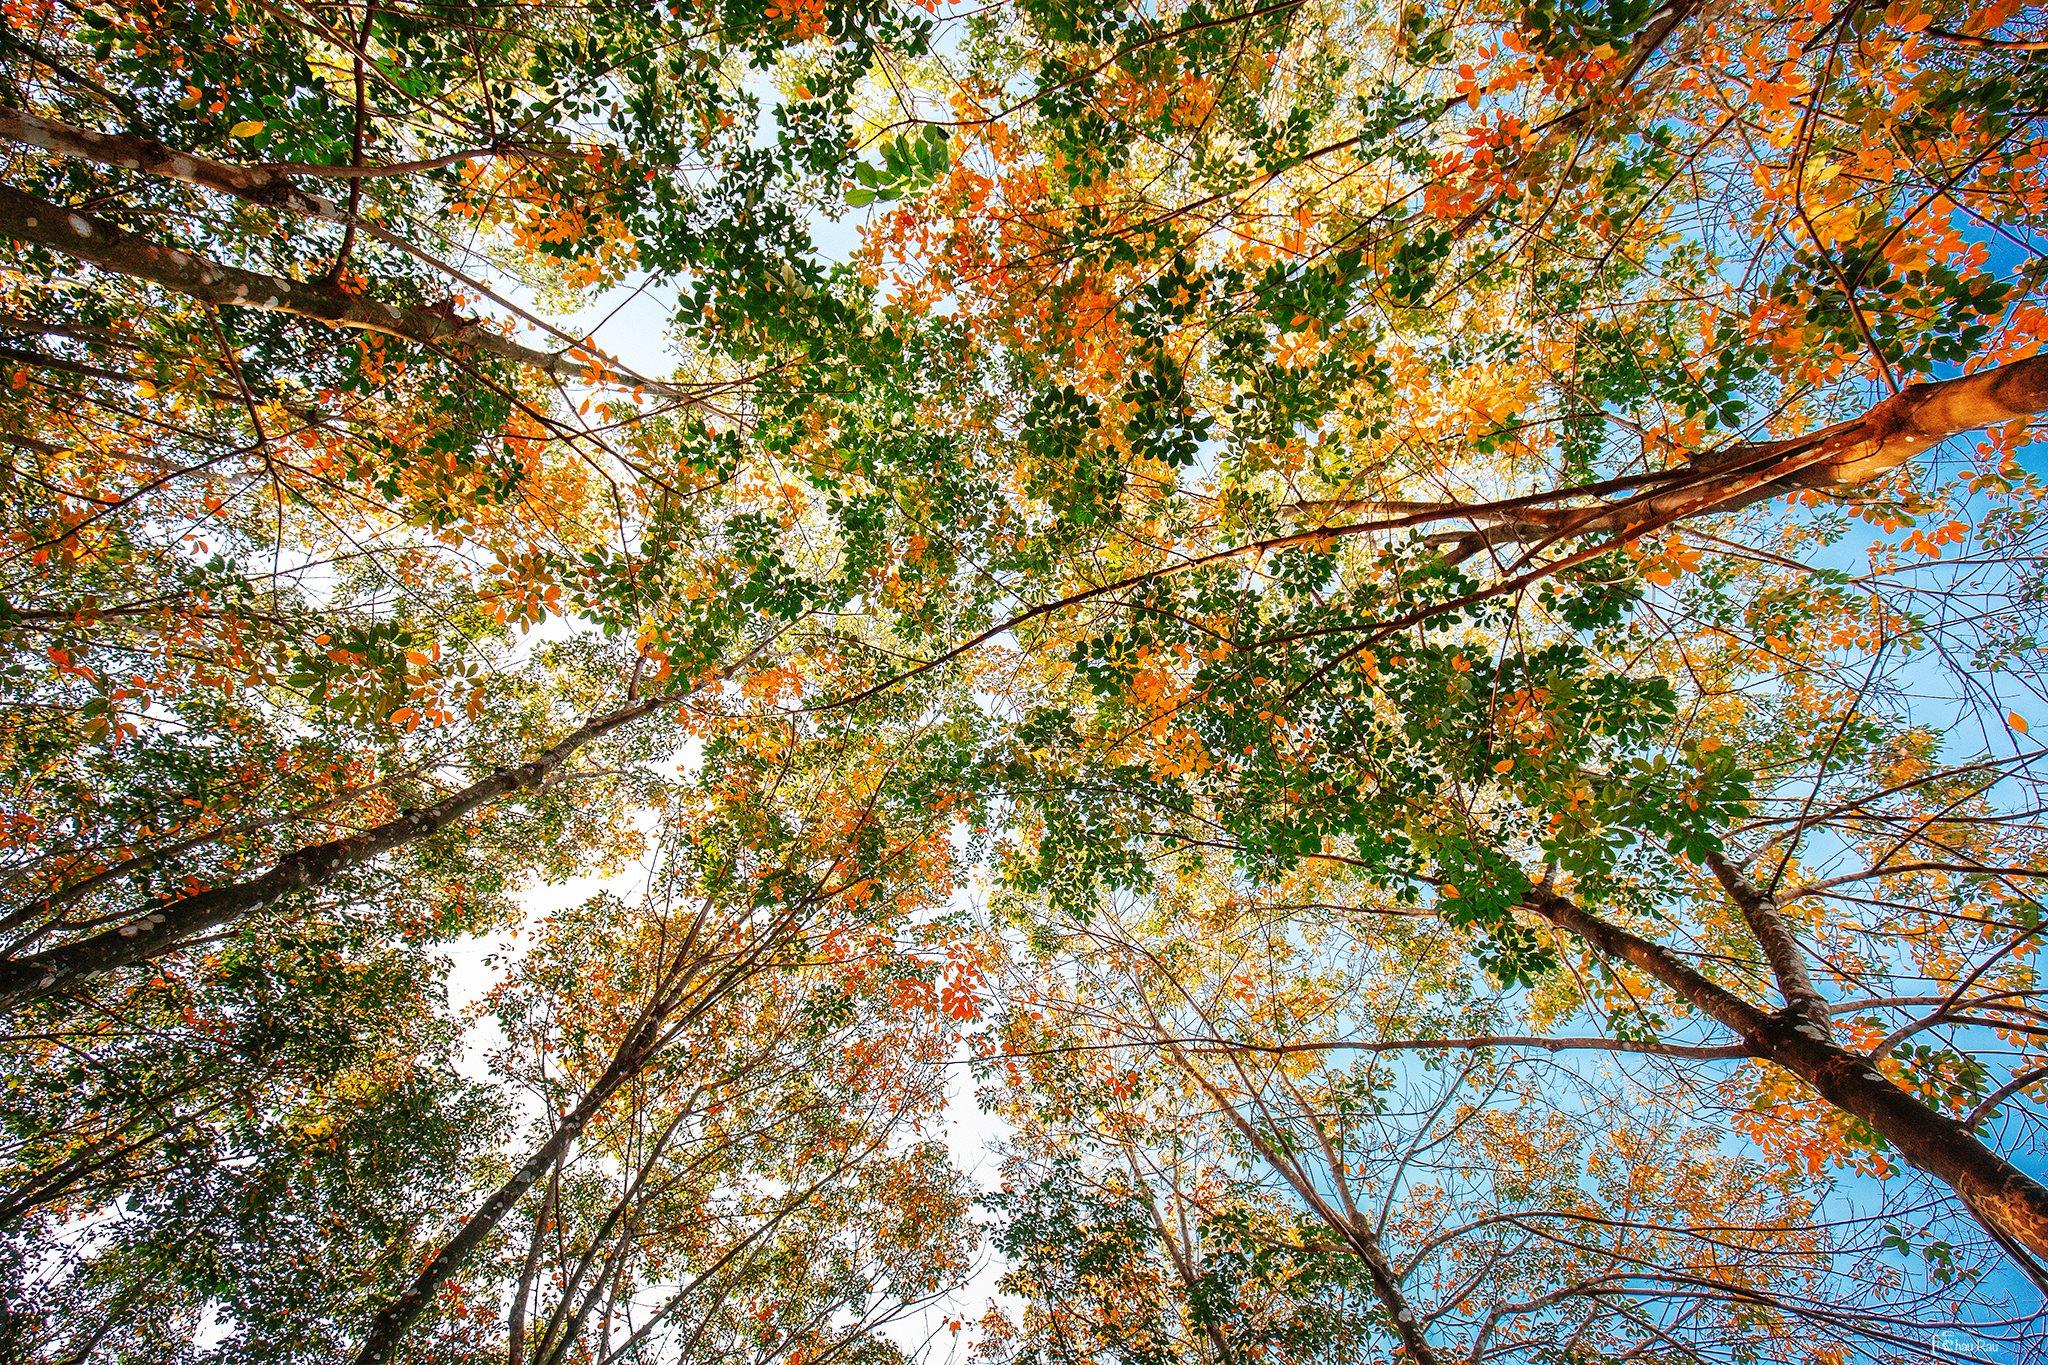 Hình ảnh cây xanh lúc chuyển mùa